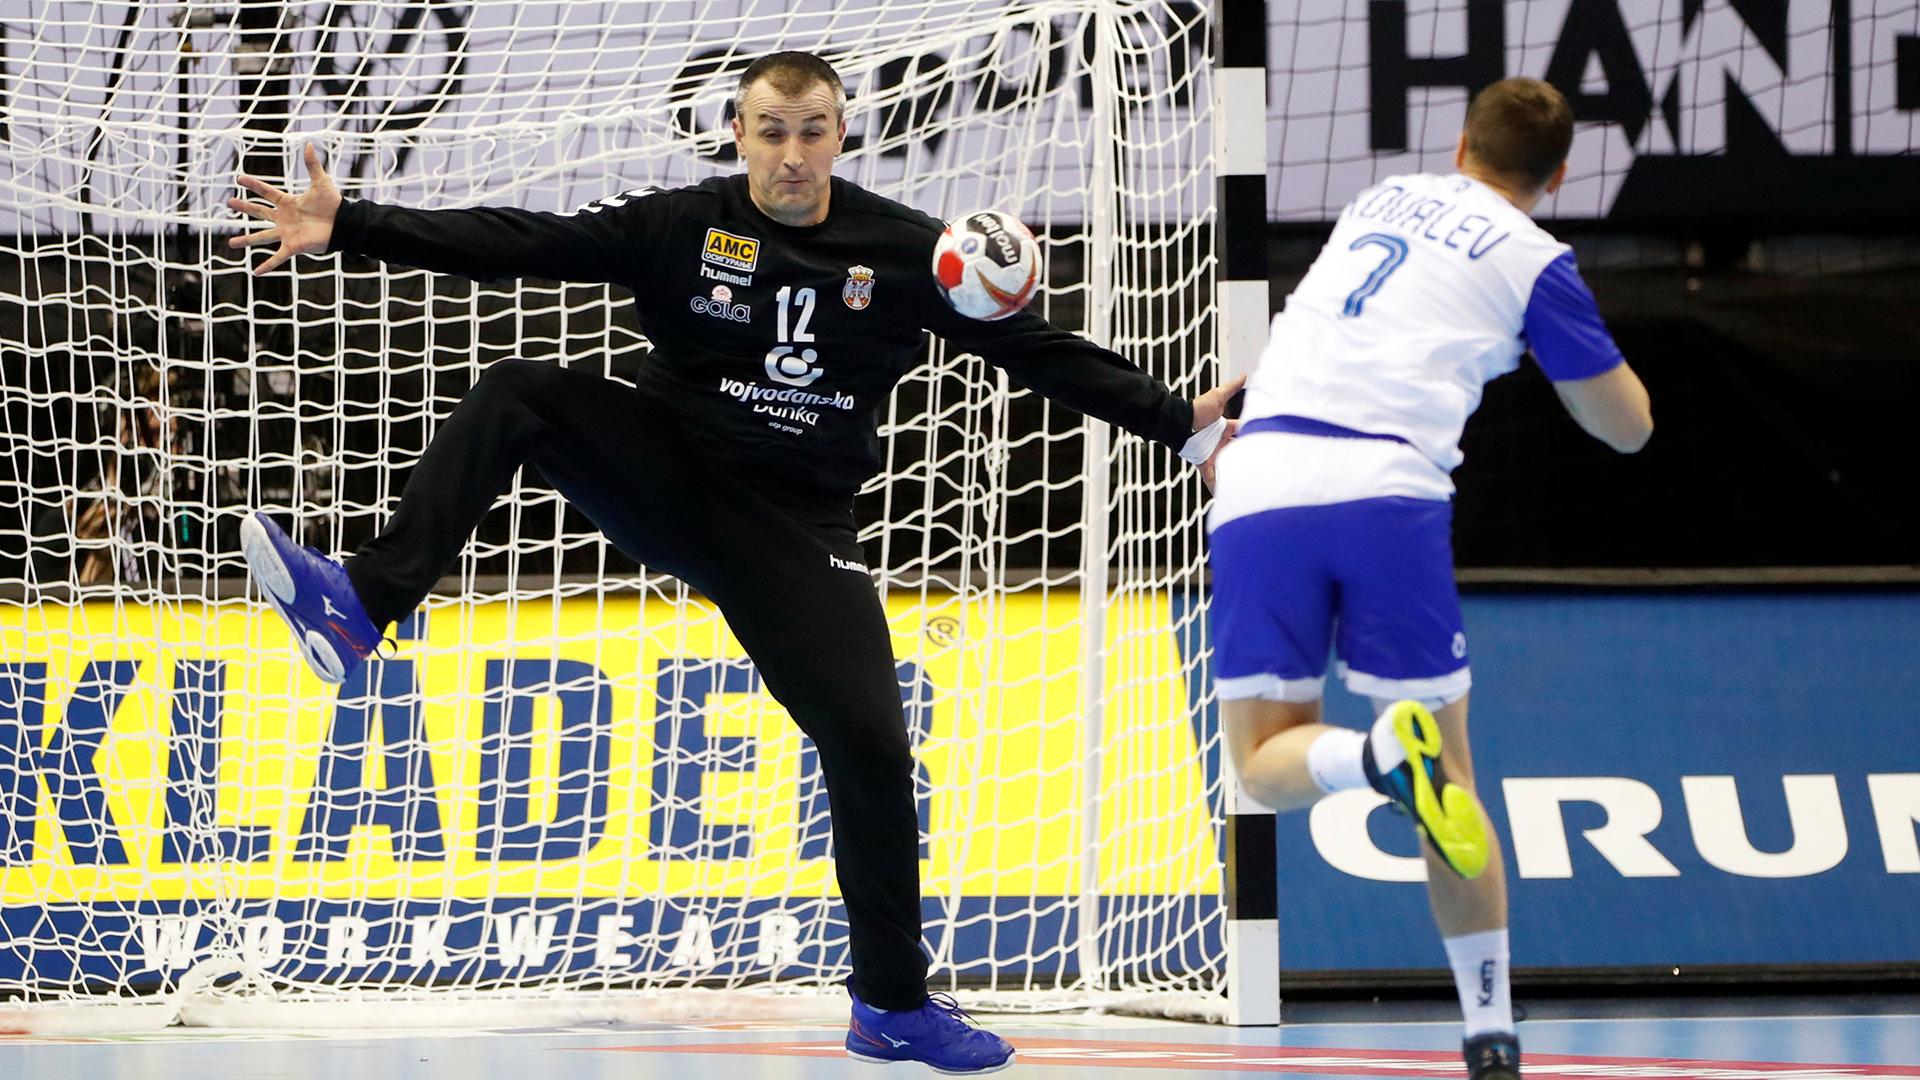 El XXVI Mundial de handball se desarrolla en Alemania y Dinamarca (REUTERS)